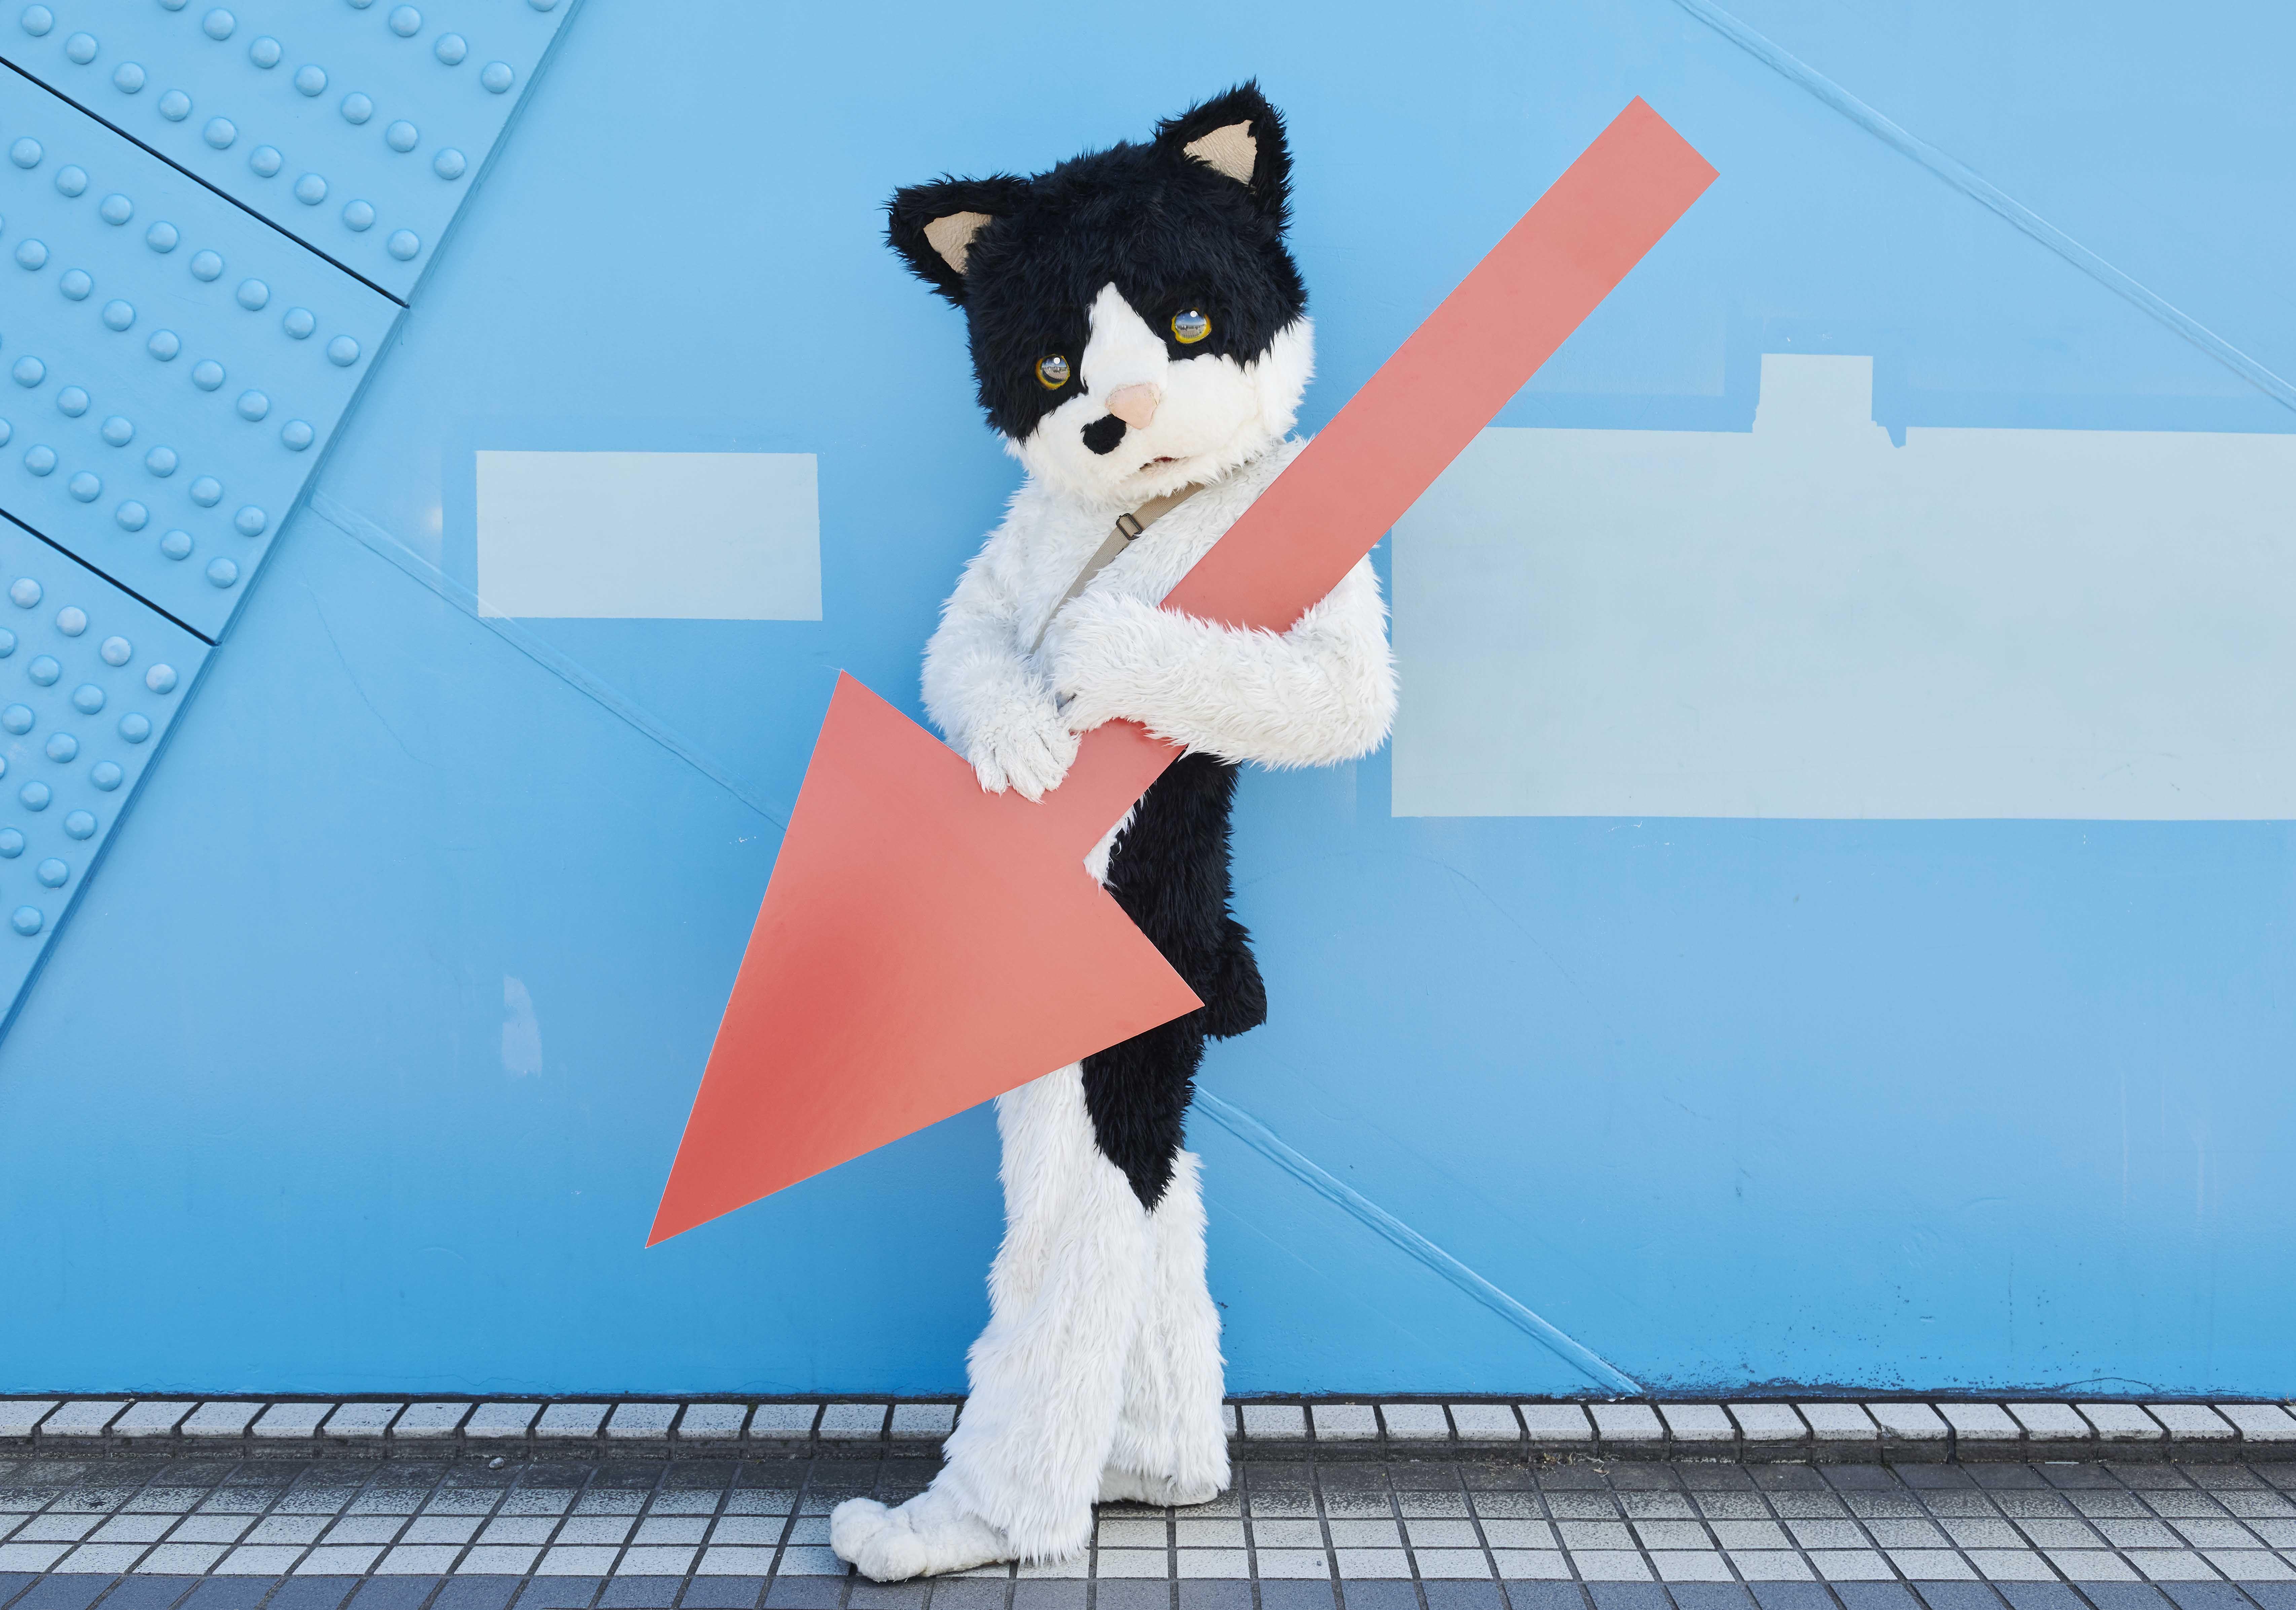 猫のミュージシャンむぎ(猫)、 メジャー1st EP発売を発表